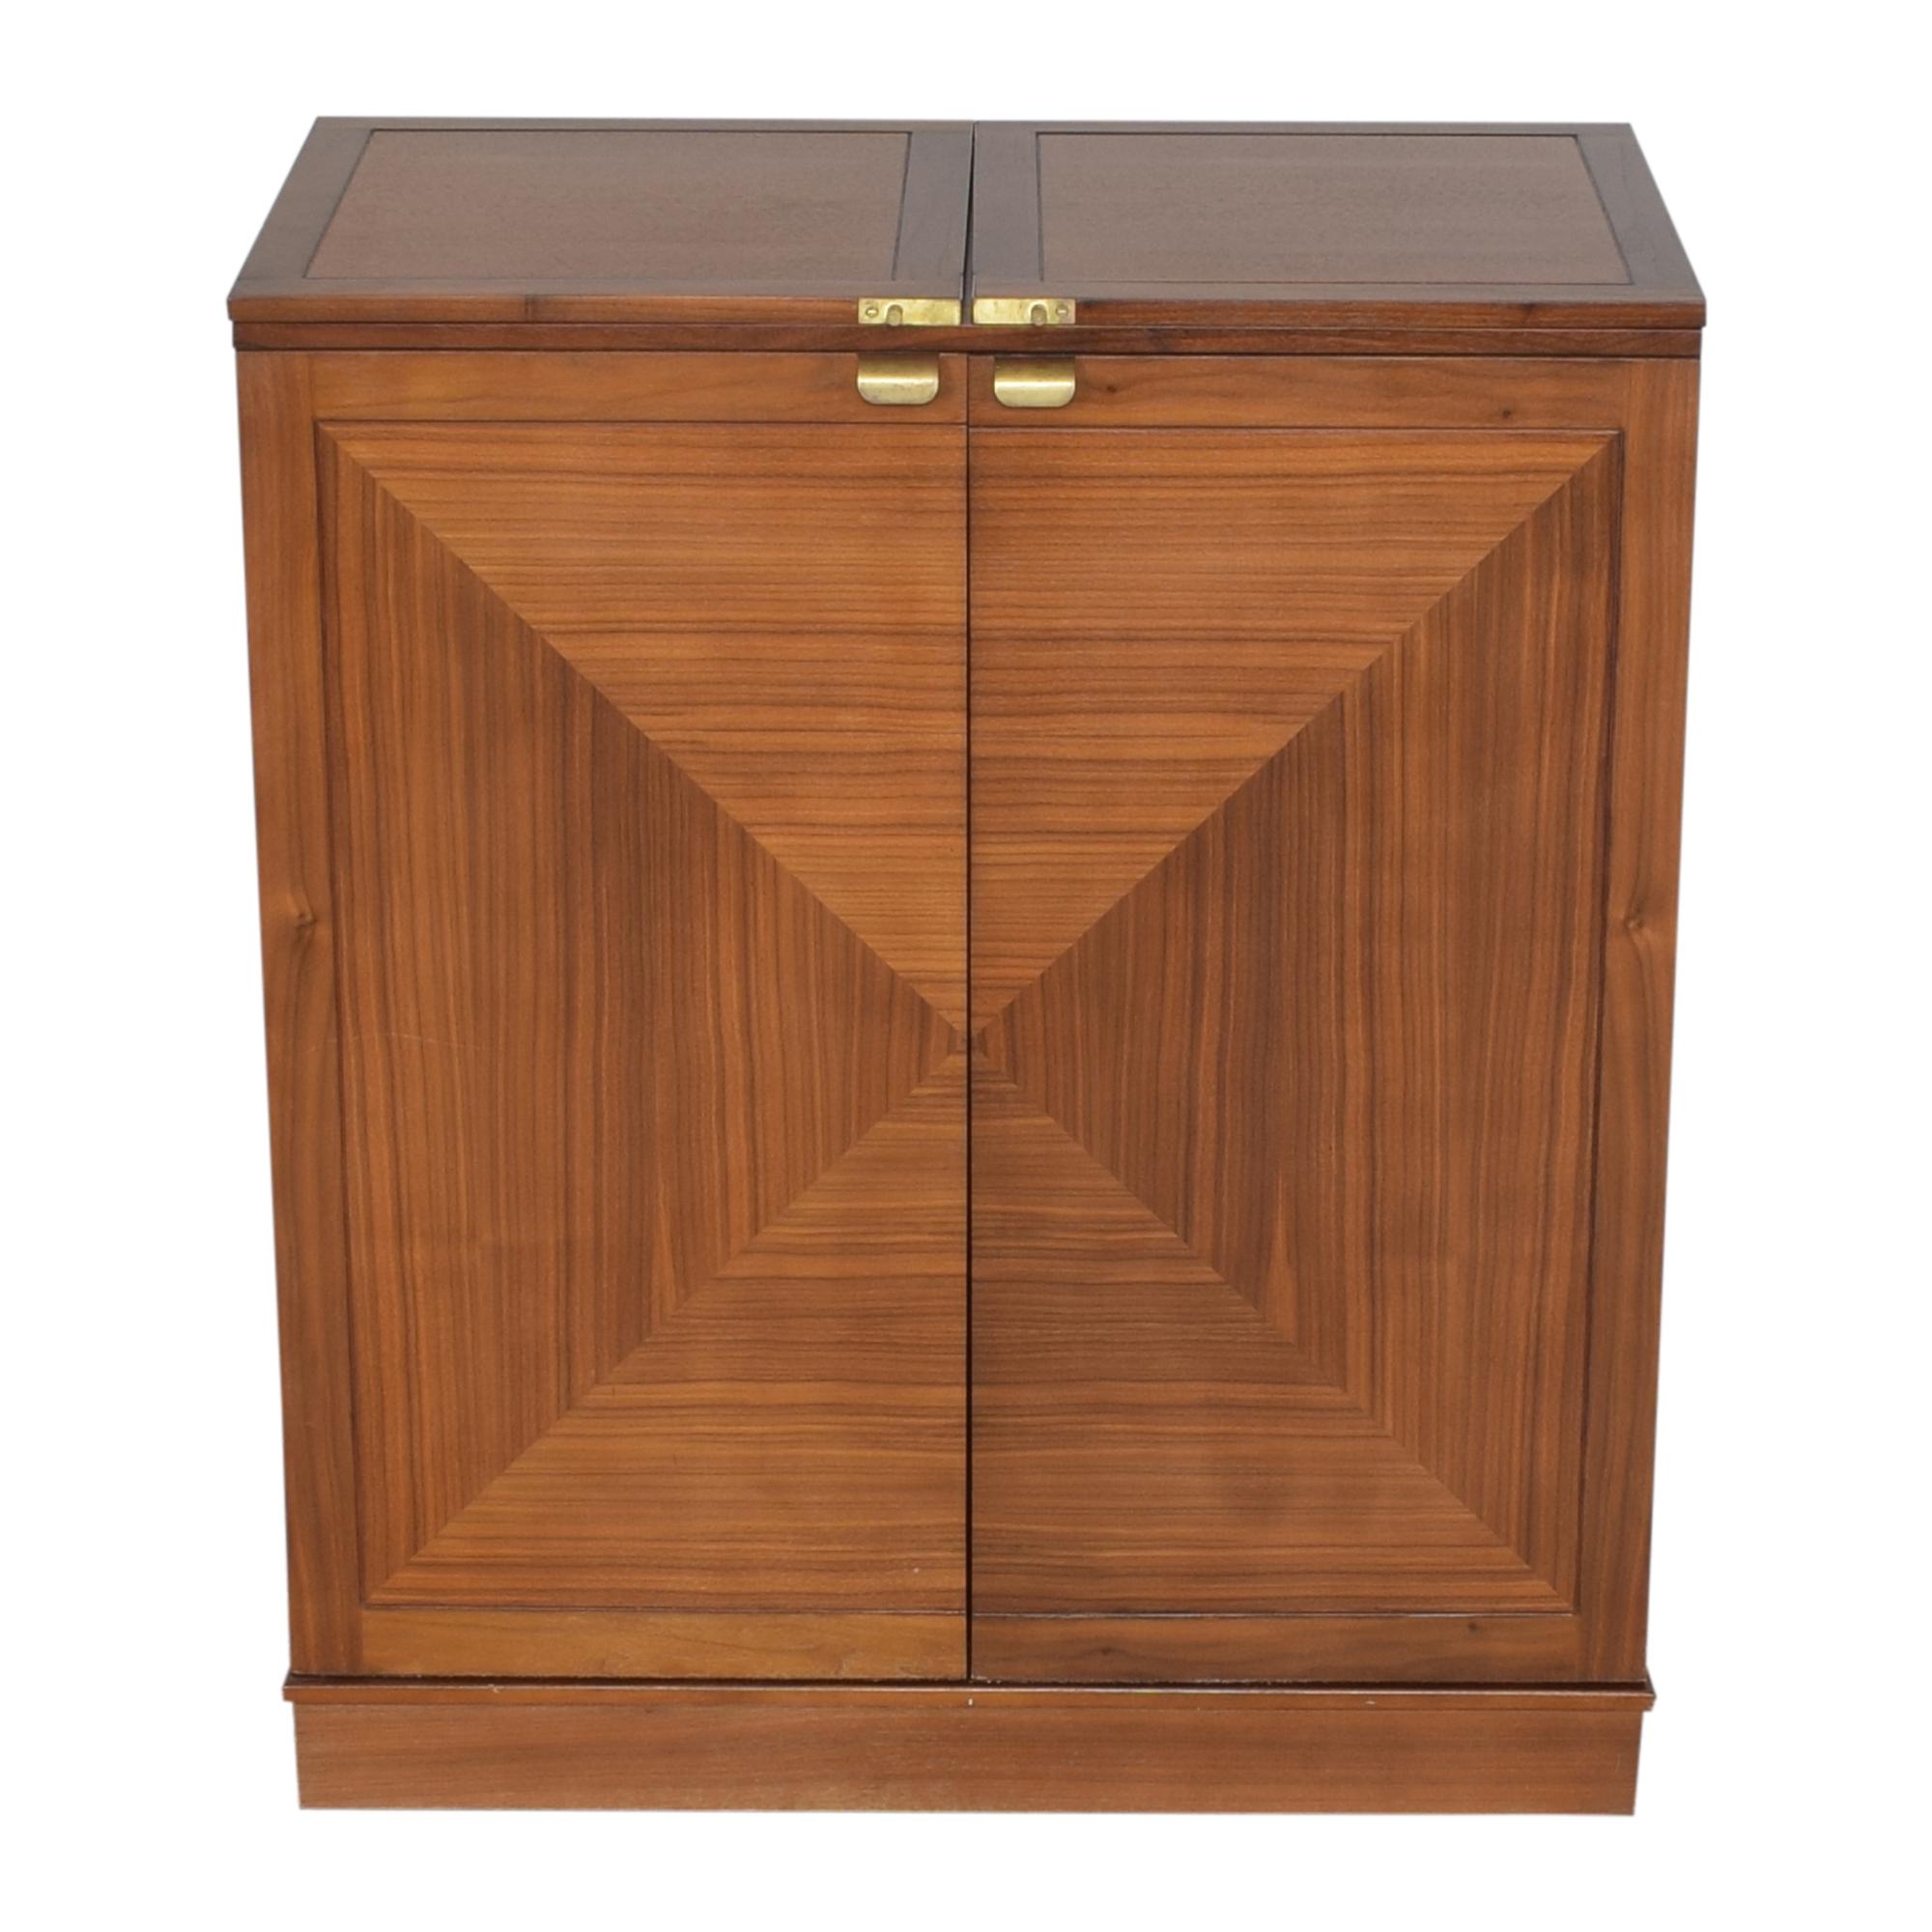 Crate & Barrel Crate & Barrel Maxine Bar Cabinet coupon